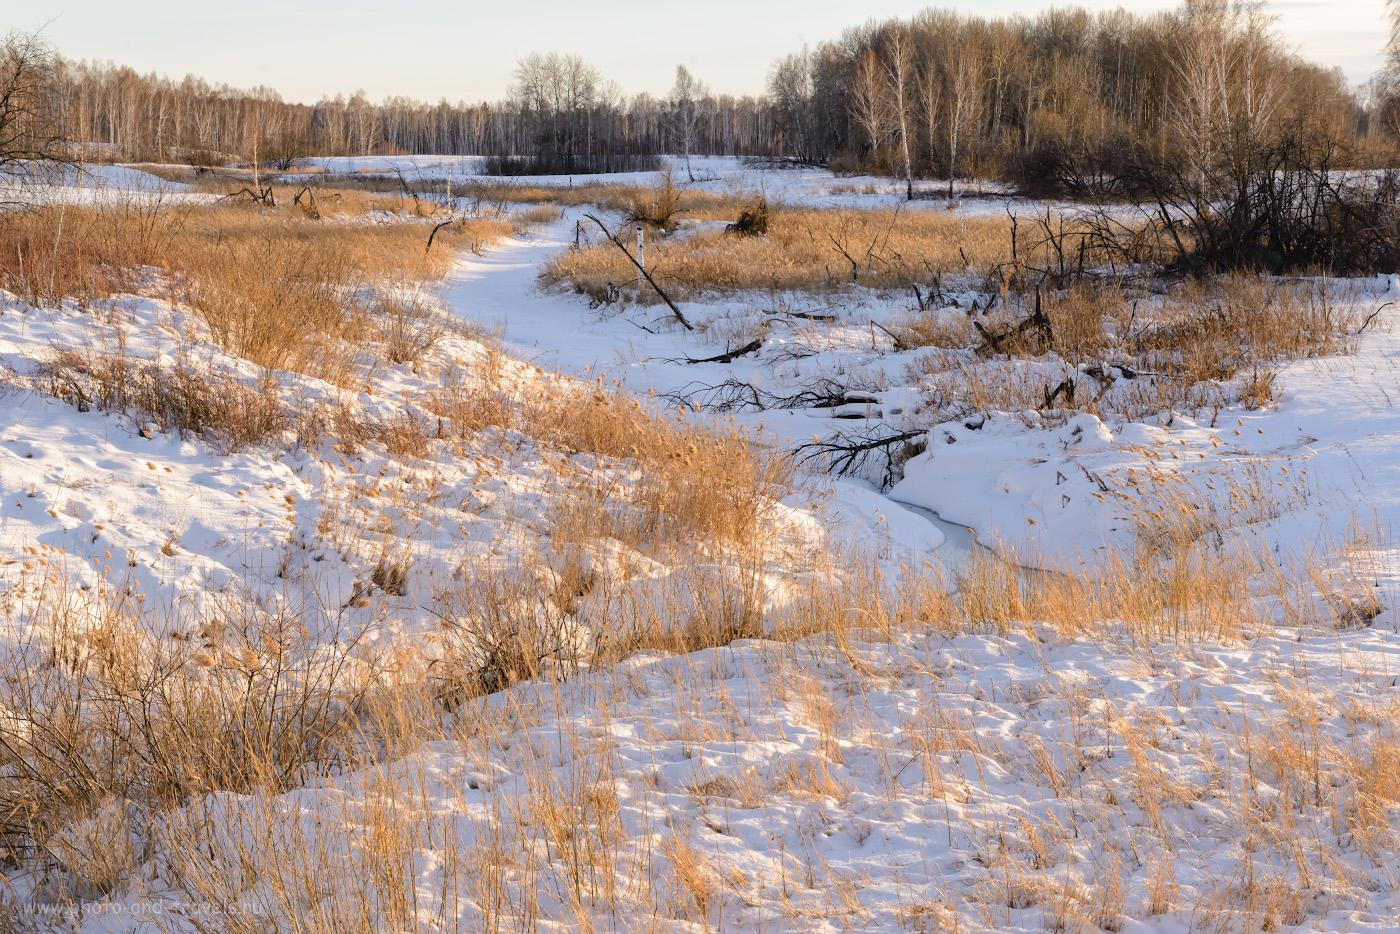 Фото 37. Вид на реку Межовка вечером. Где-то там, за дальней берёзовой рощей с косулями, спит подо льдом, до поры до времени, Ольгинский водопад. 1/160, +0.33, 13.0, 1100, 66.